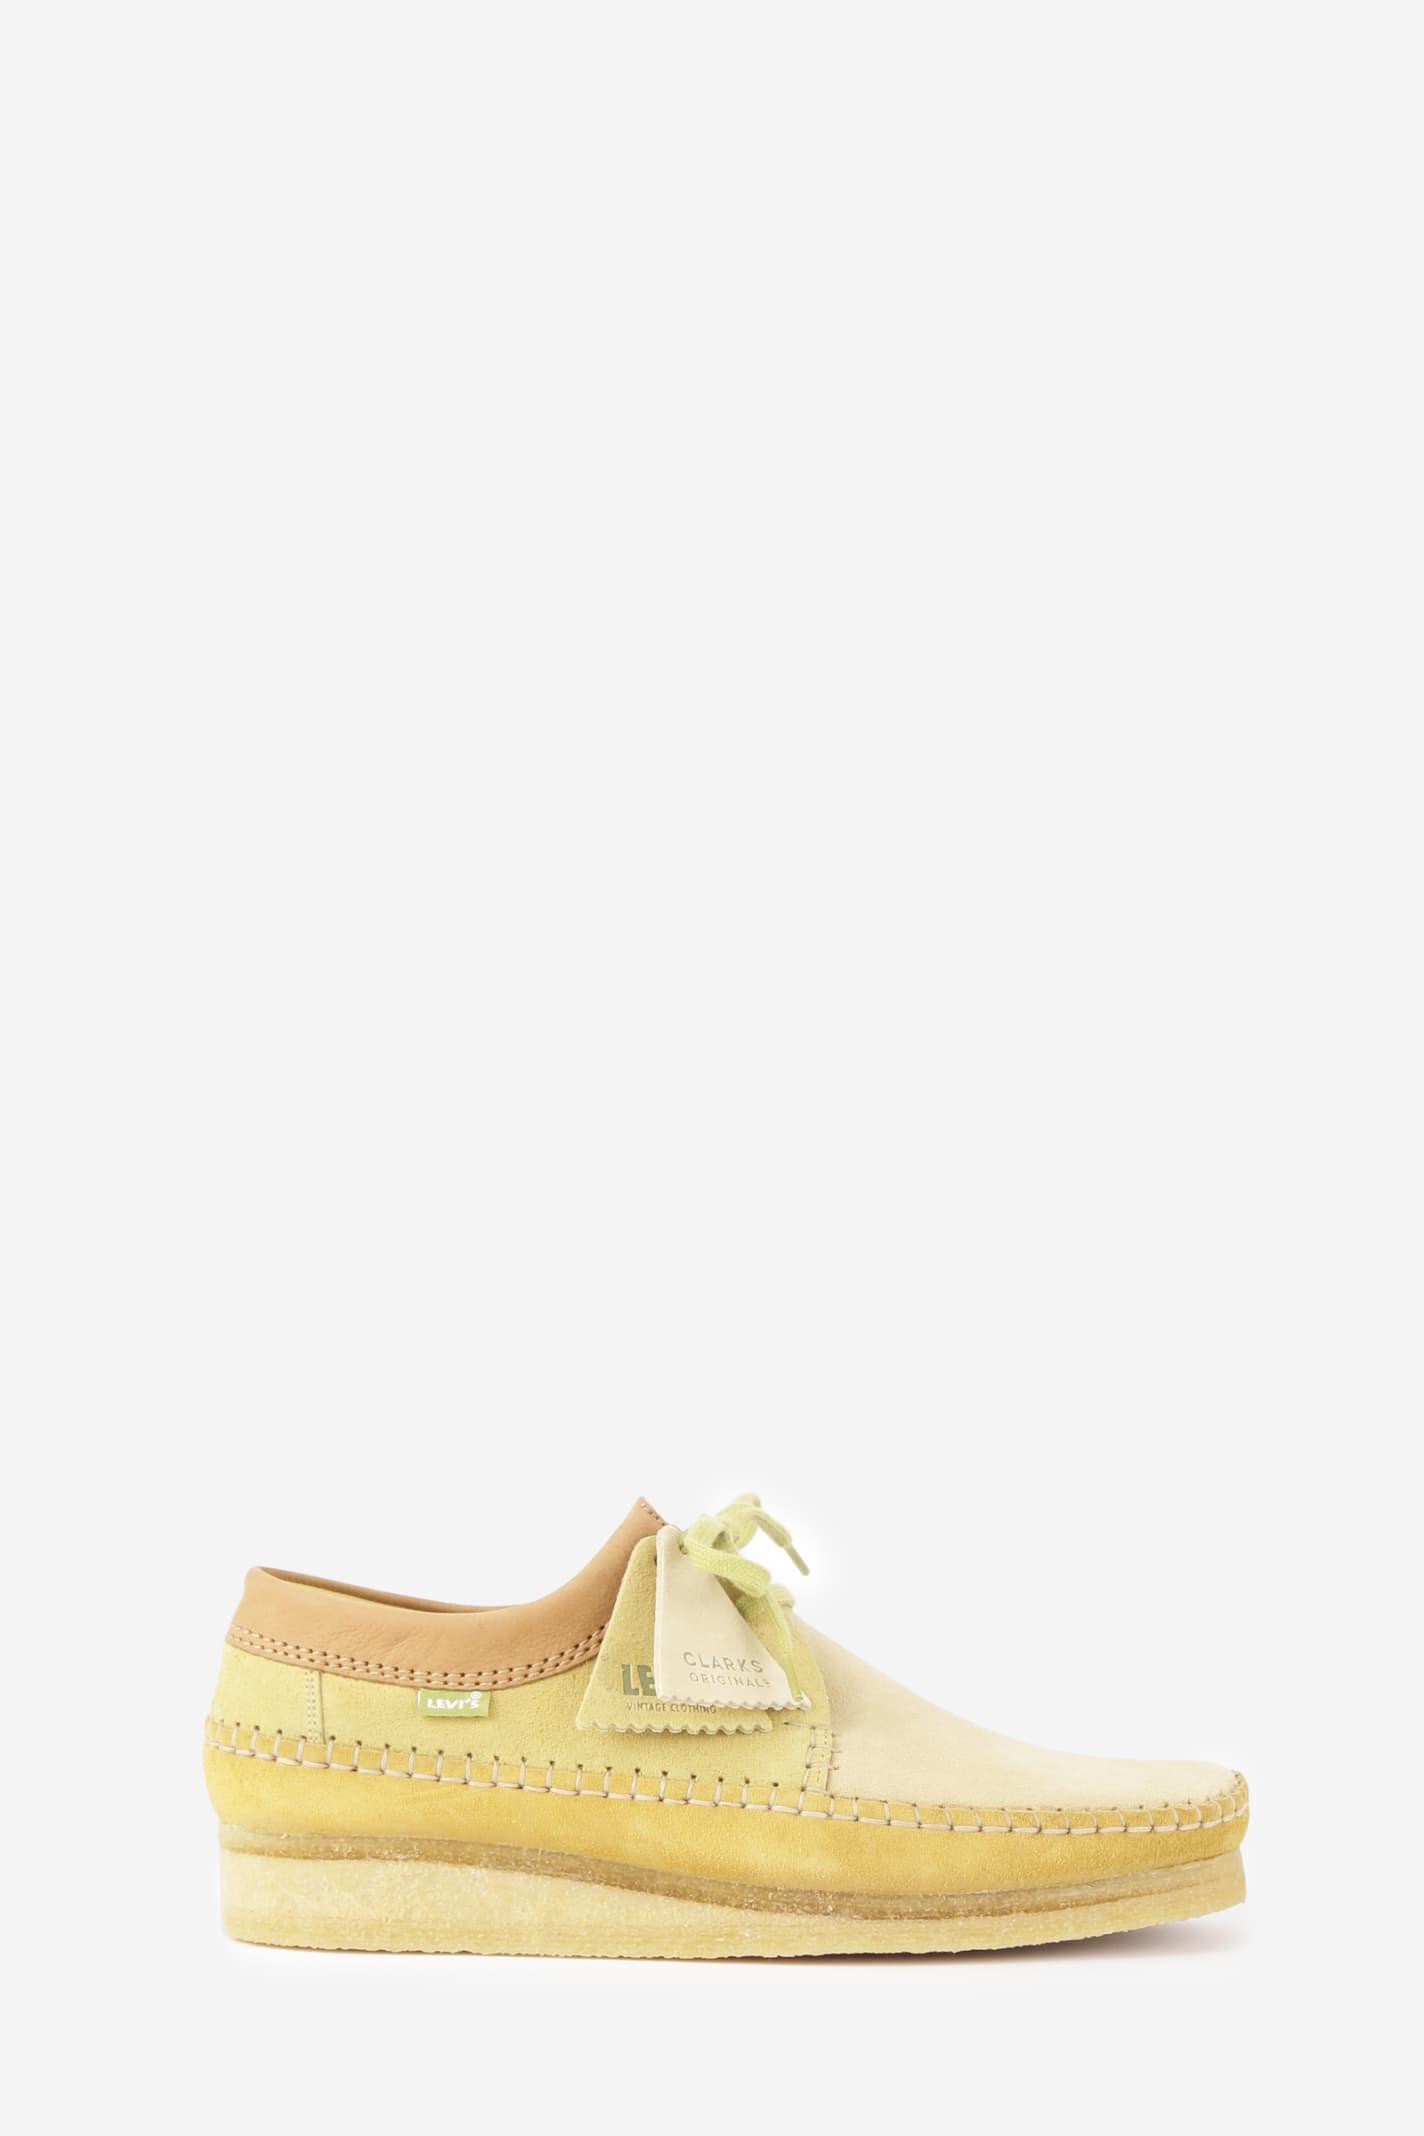 Clarks Clarks X Levis Clothing Vintage Weaver Shoes